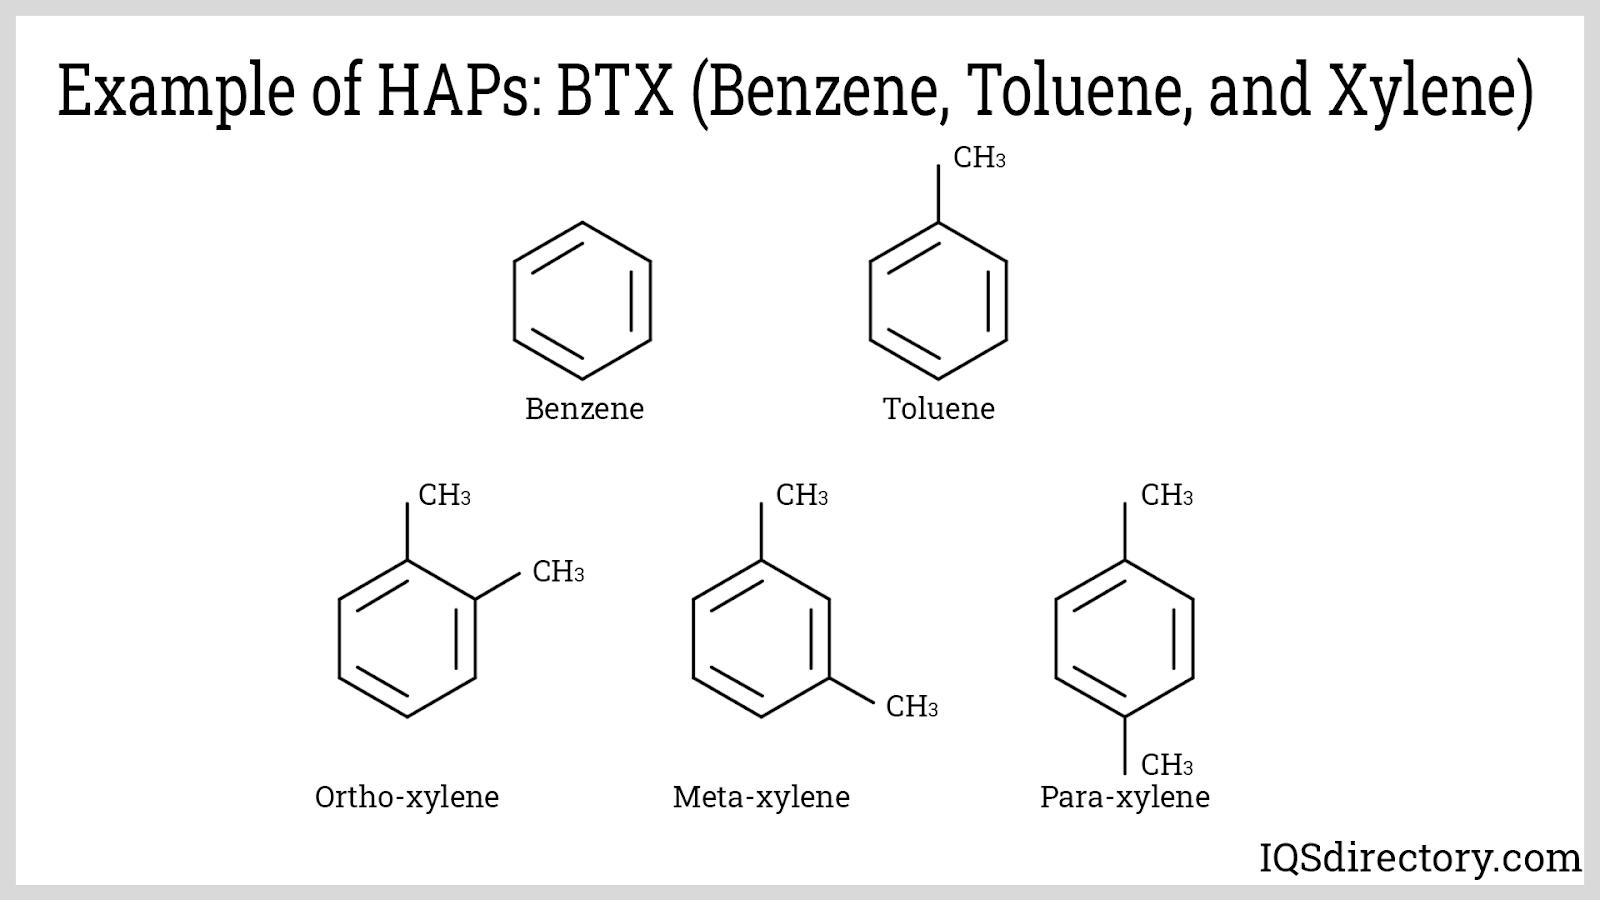 Example of HAPs: BTX